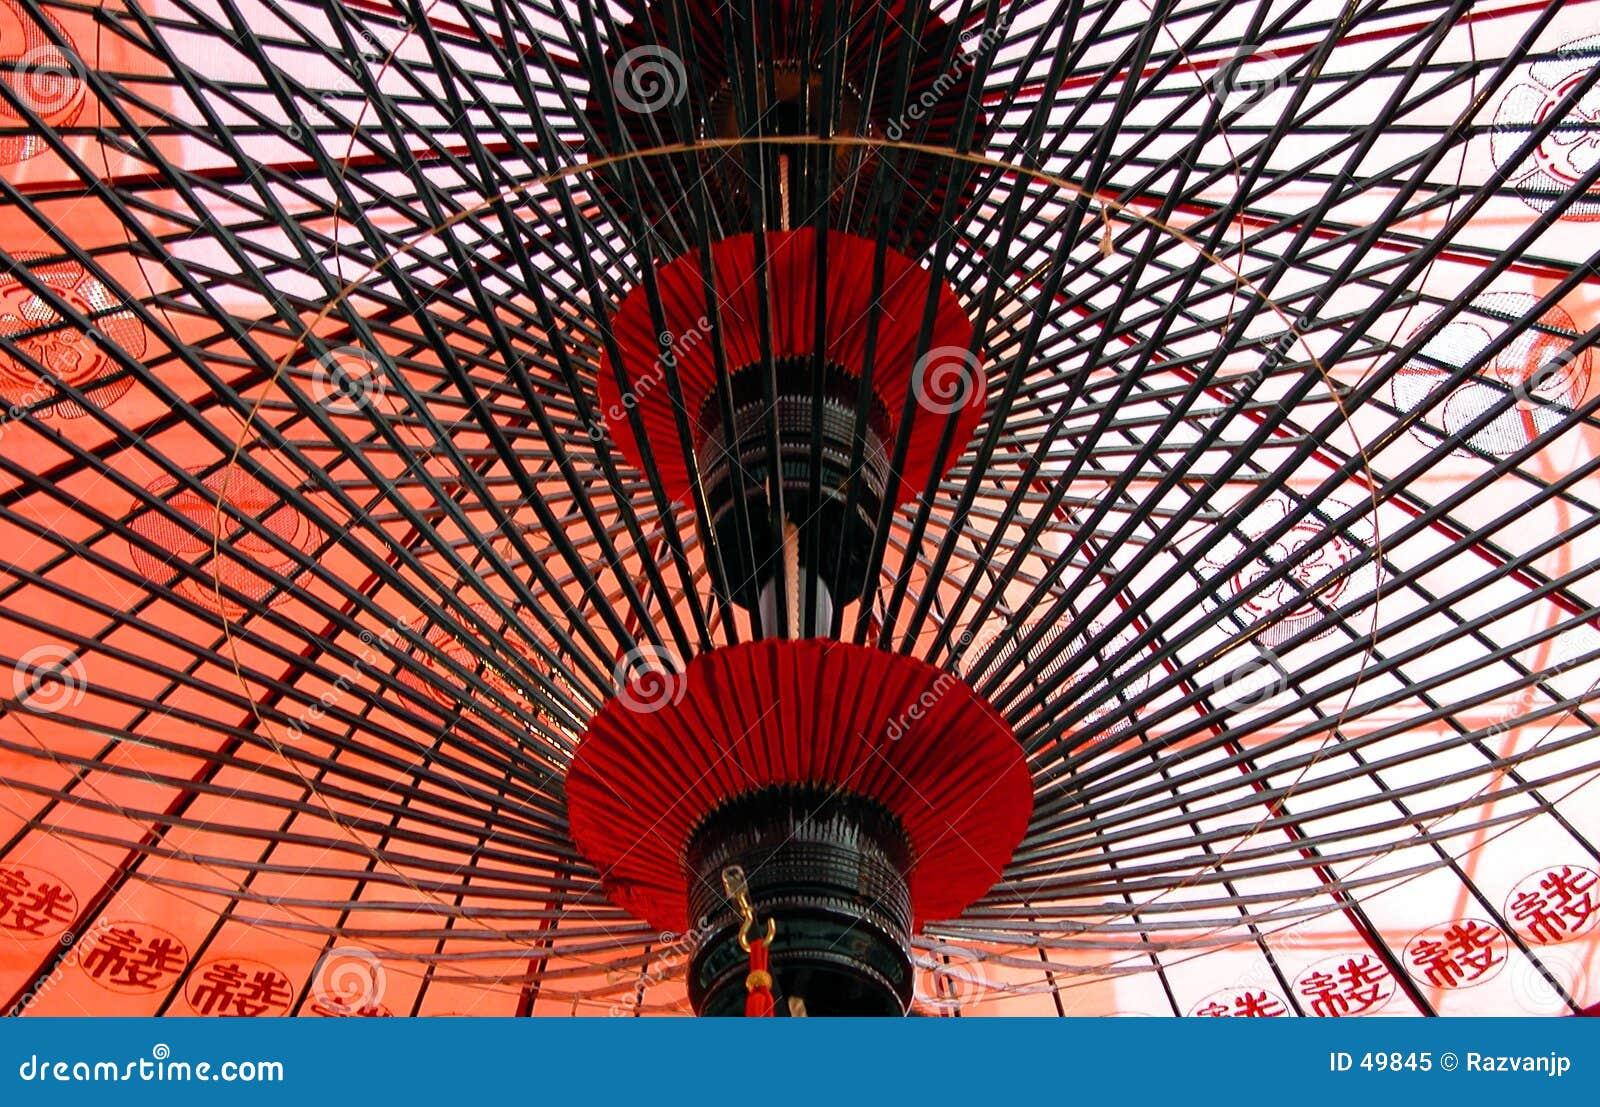 ιαπωνική ομπρέλα κάτω